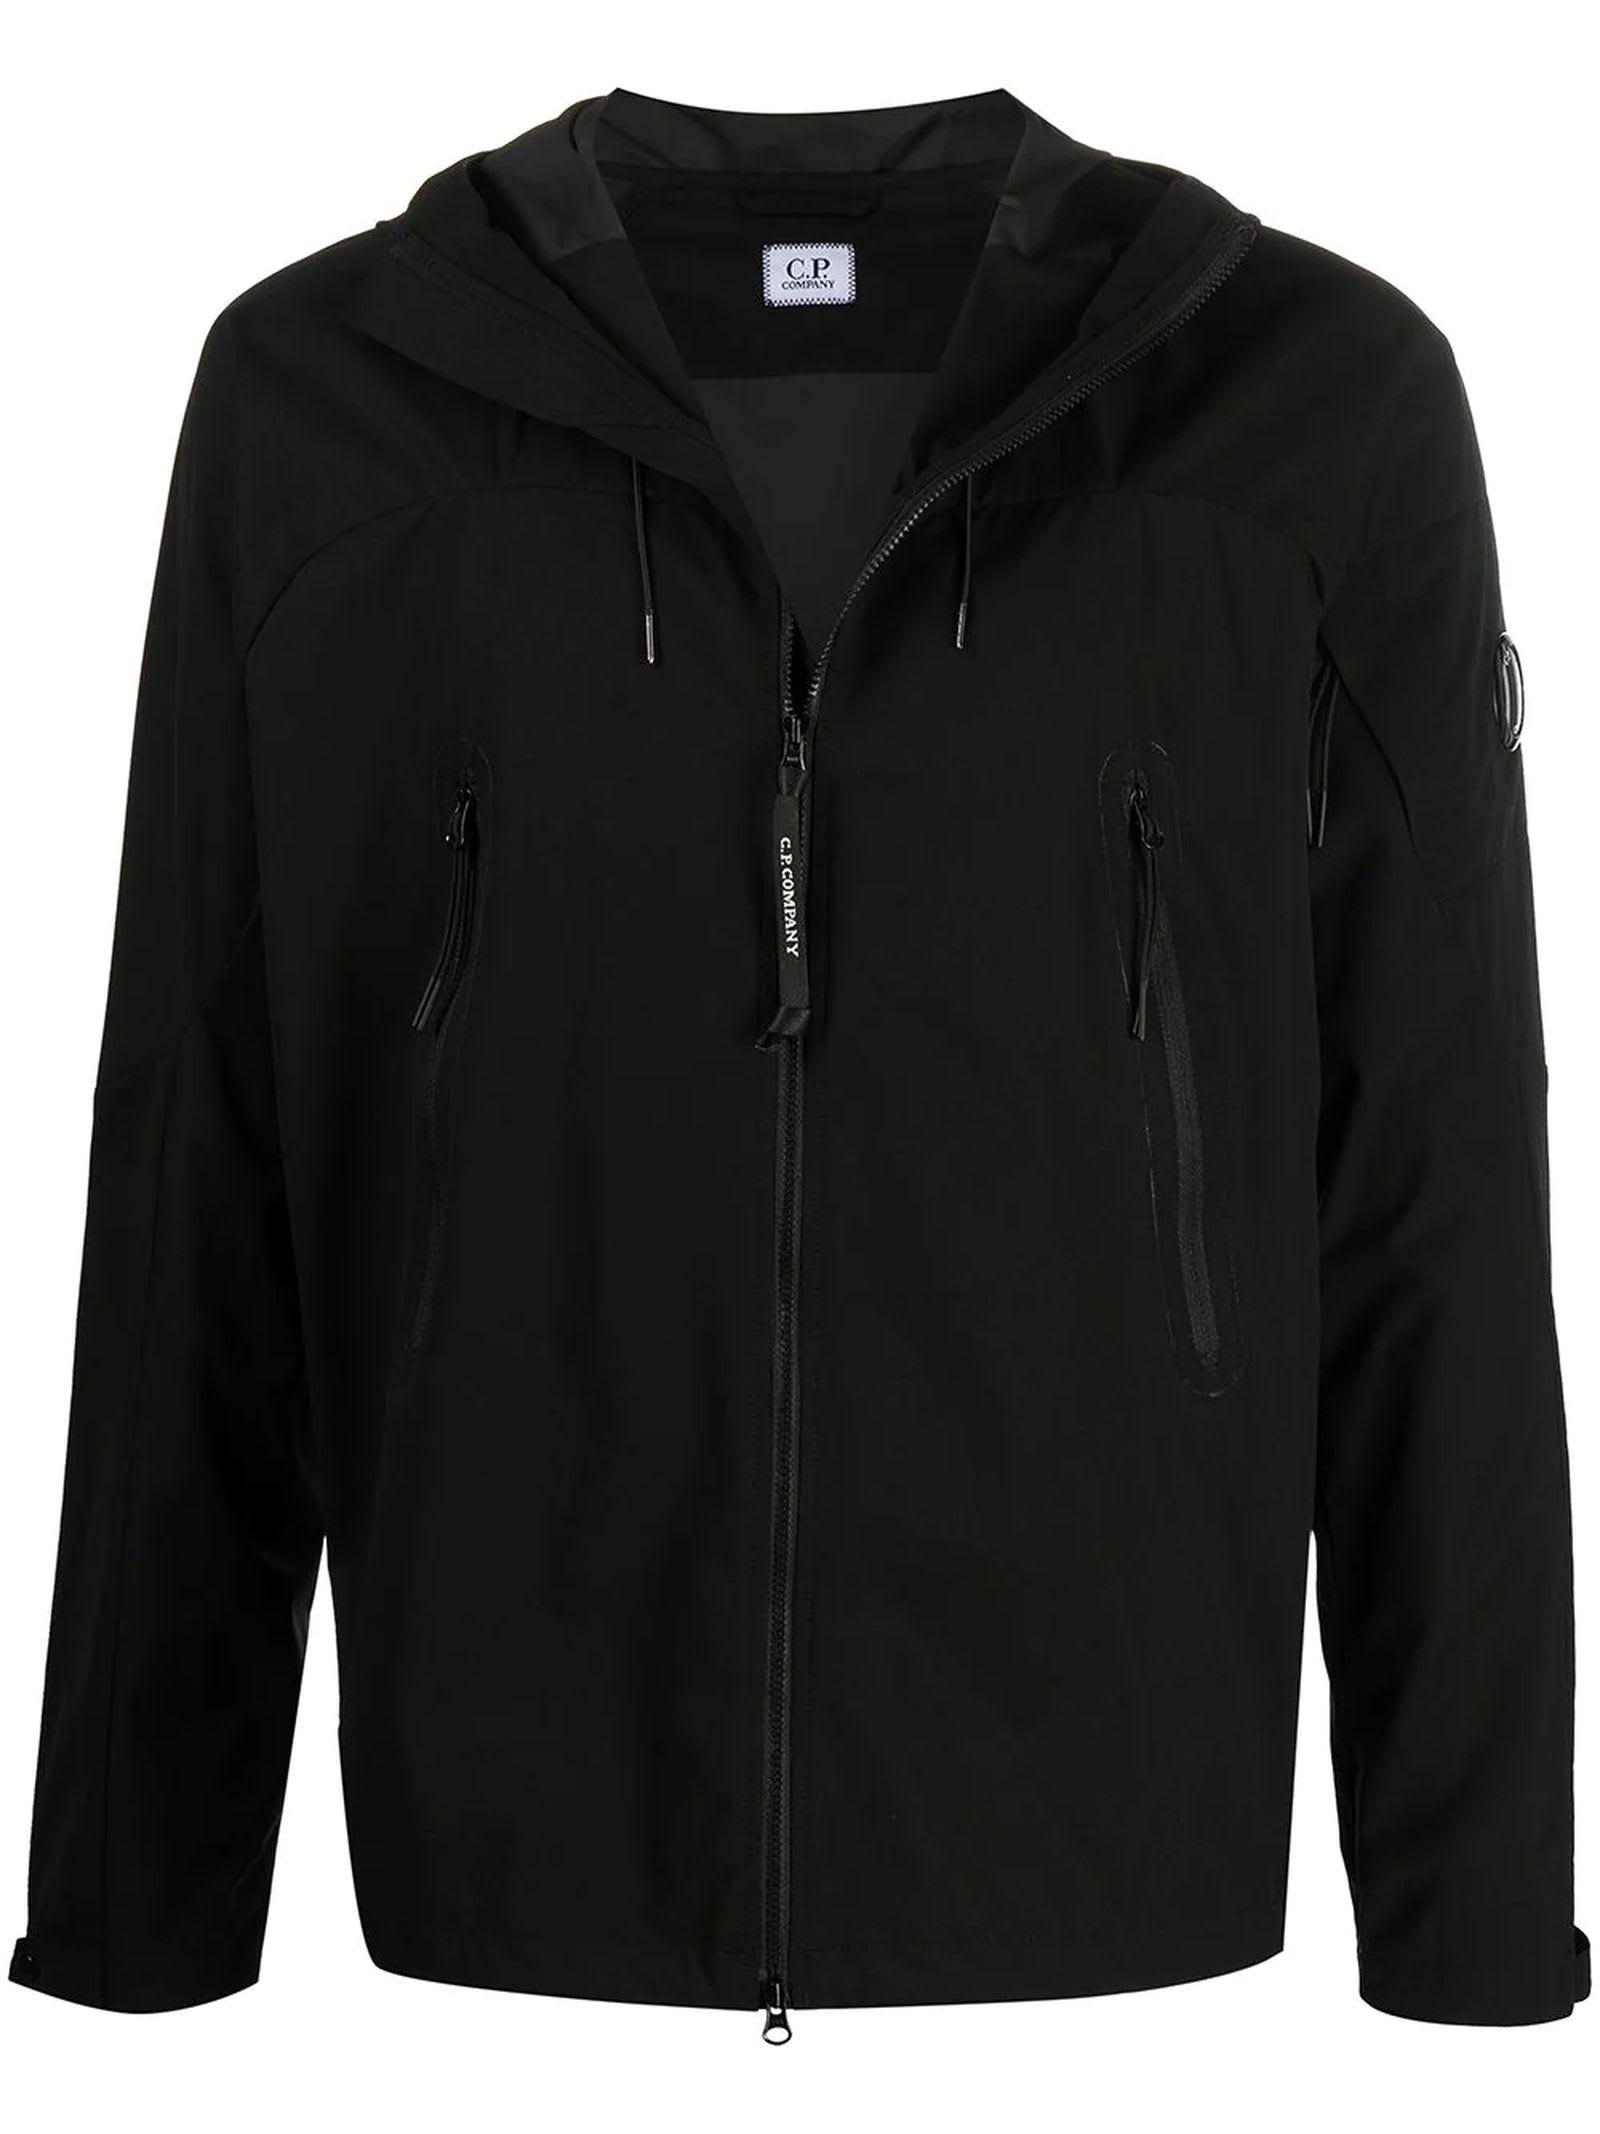 C.P. Company Pro-tek Medium Jacket